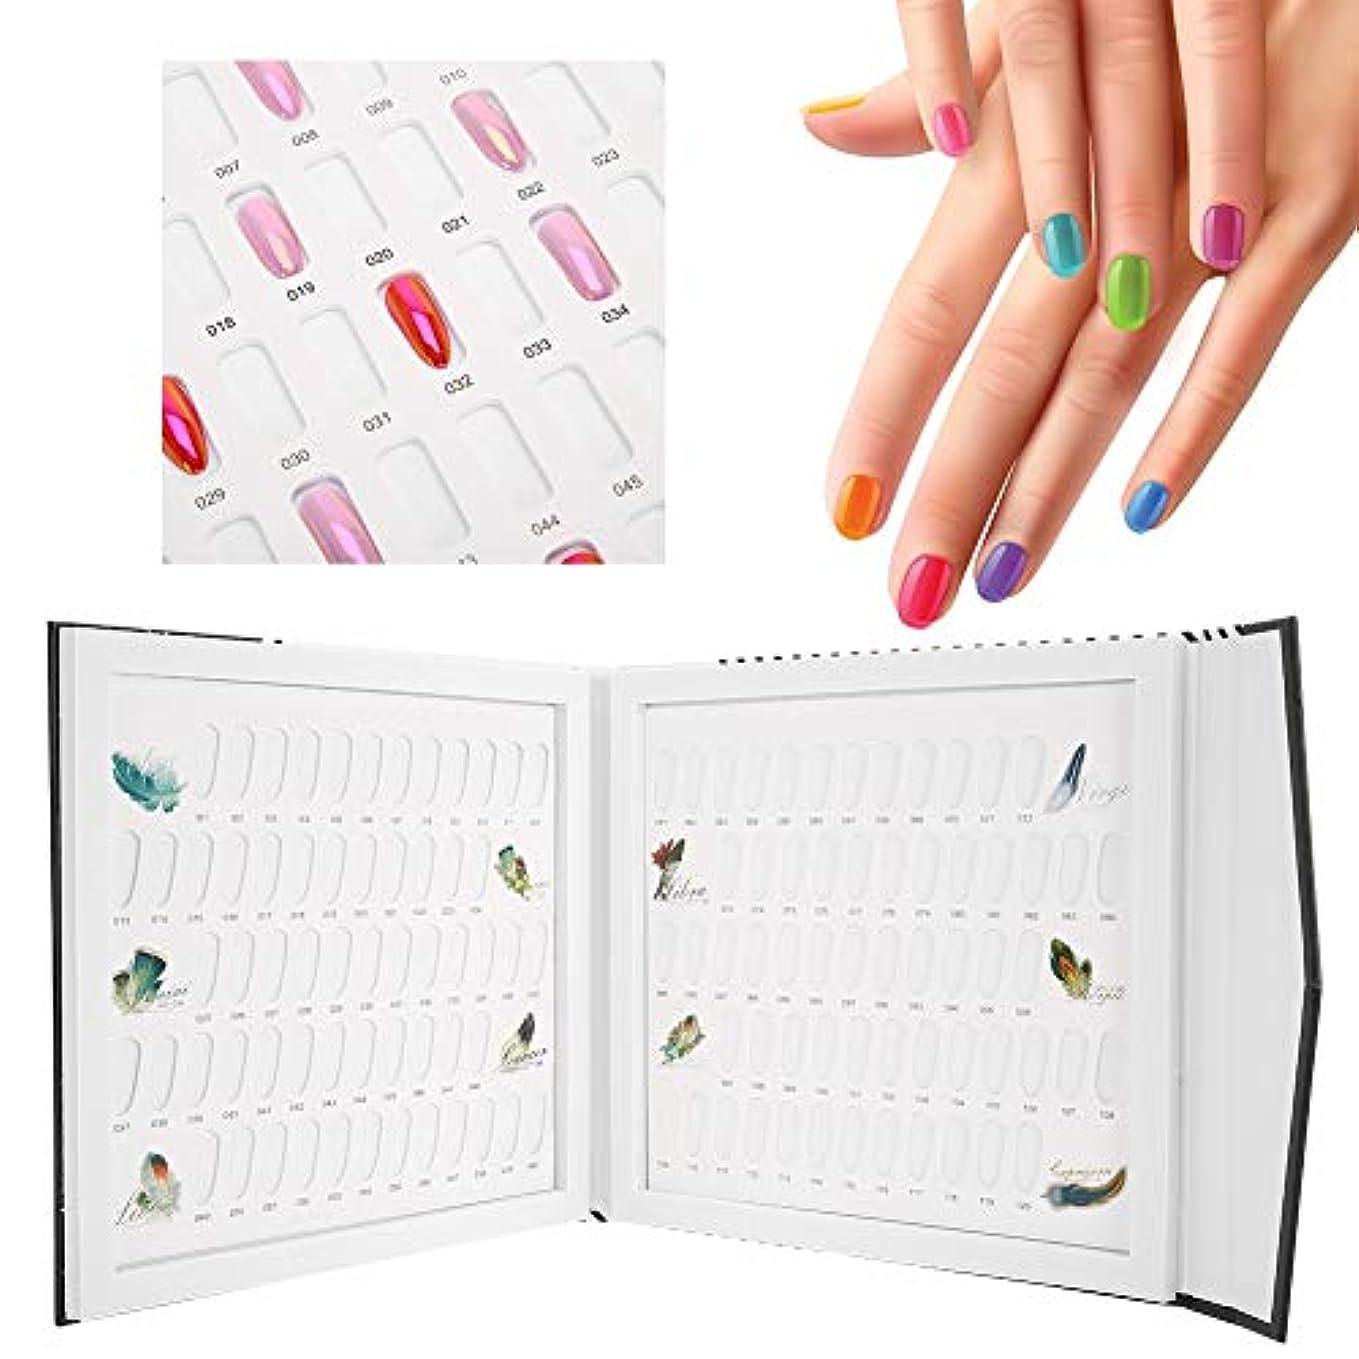 頼むうがい薬で出来ているネイルアートディスプレイスタンド 120色 ネイルジェルカラーカード ネイルポリッシュディスプレイチャート本ネイルアート表示棚(1)